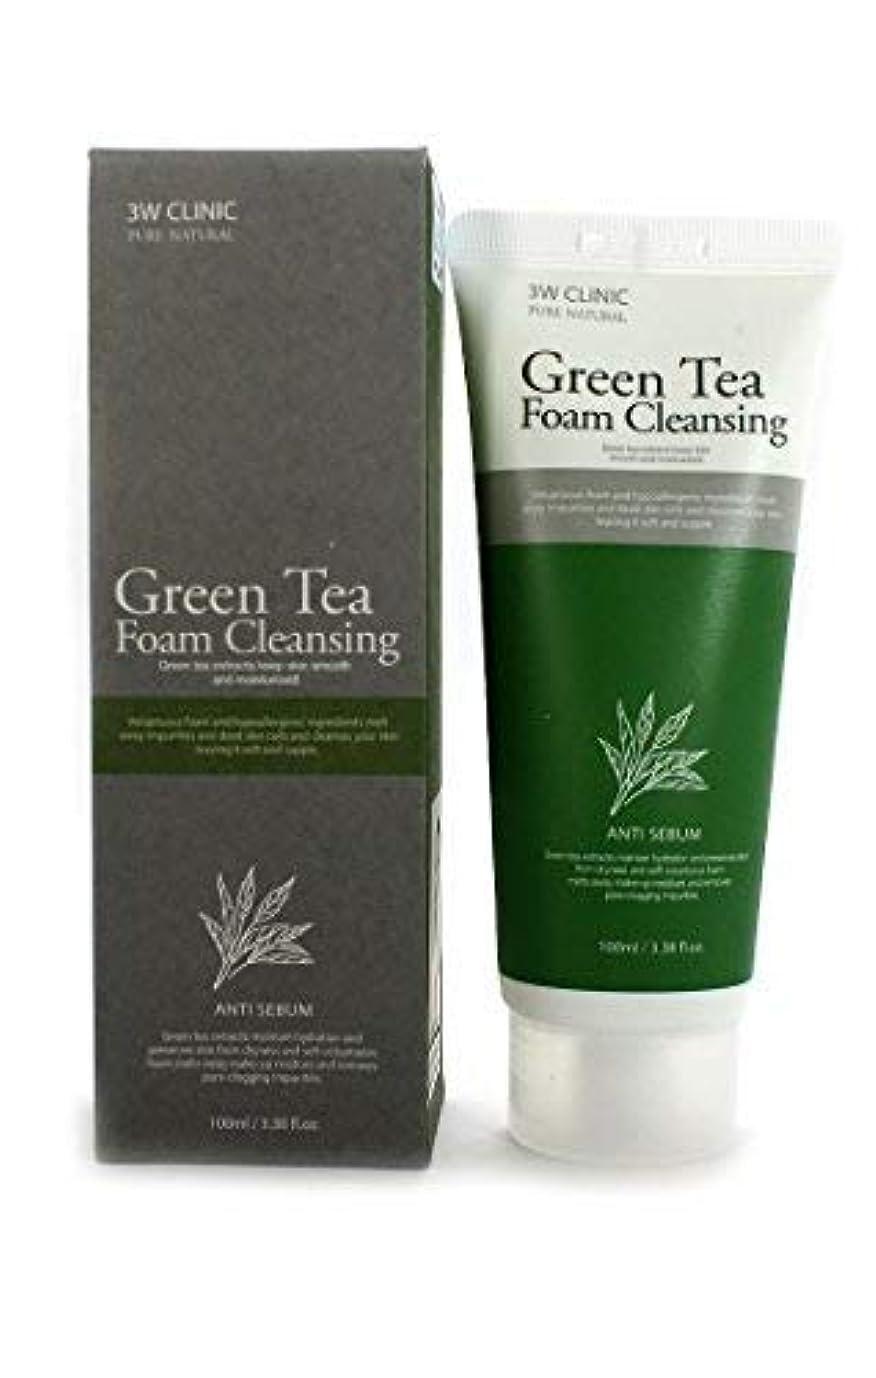 負頑固なホステルGreen Tea Foam Cleansing クリニック純粋な天然100Ml(3.38Fl。オズ) [並行輸入品]